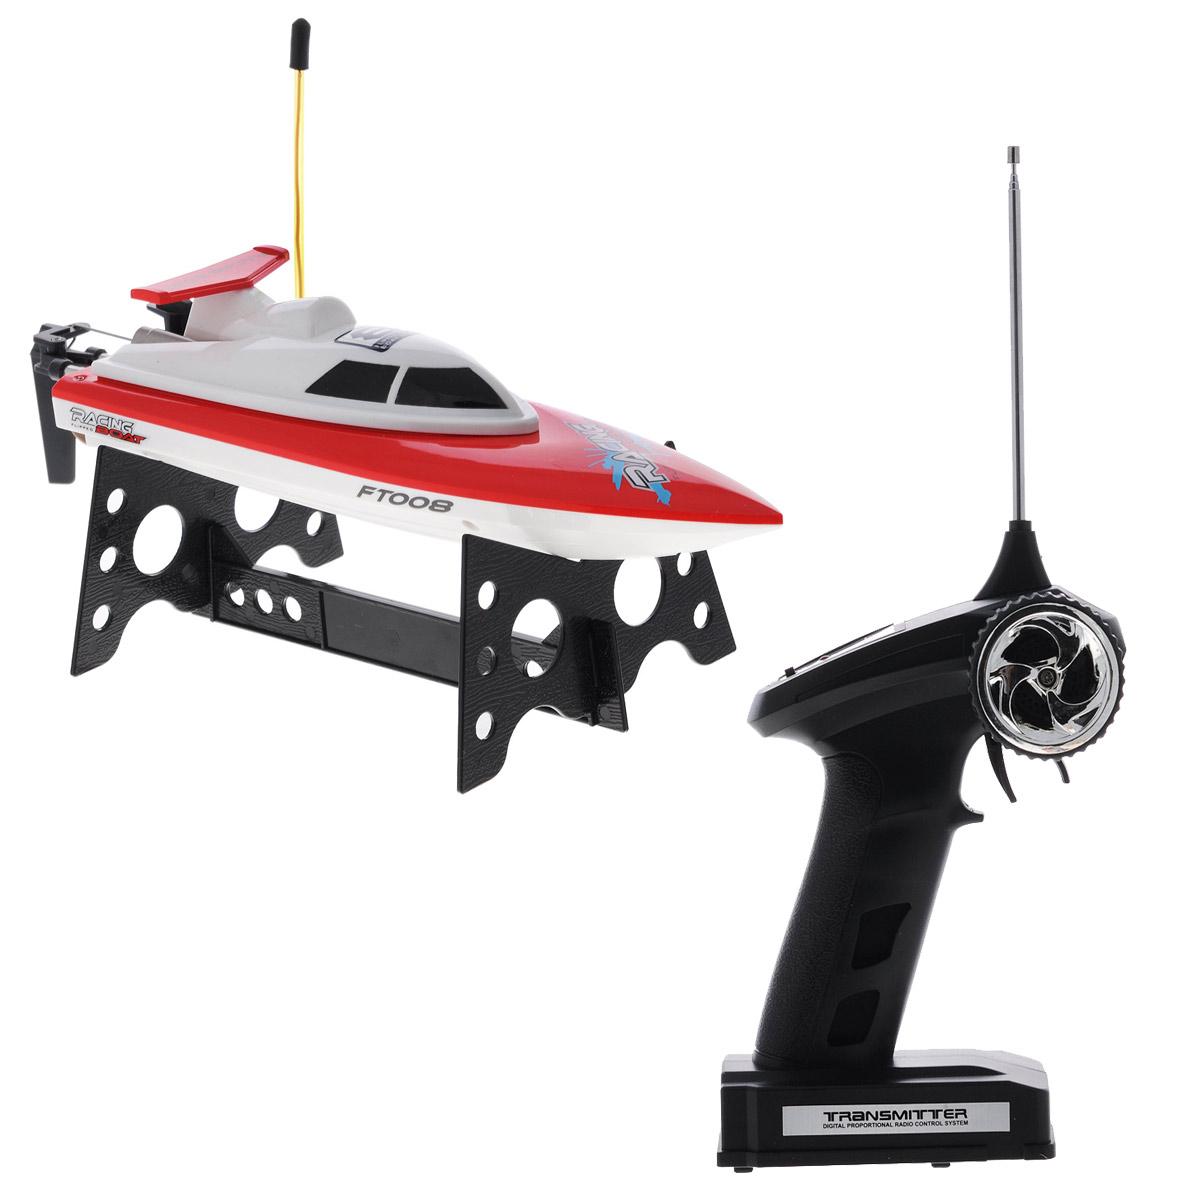 """Радиоуправляемая модель Bluesea """"Катер Racing Boat FT008"""" понравится всем любителям водных гонок. Модель выполнена в виде гоночного катера модельного класса, имеет надежный корпус и двойную влагозащиту, а также большой крутящийся пропеллер. Катер двигается во всех направлениях: вперед, назад, влево, вправо, а также переворачивается сверху вниз. Катер способен плавать и поворачивать как быстро, так и медленно, что позволит использовать его на любом водоеме - от небольшого бассейна до открытого моря! Имеется противоударная насадка на кончик носа и защита от включения вне водоема. Игрушка управляется с помощью дистанционного пульта управления, действующего на расстоянии 25 метров. Игрушкой очень легко управлять, катер послушно двигается в нужную сторону. Он оснащен профессиональным передатчиком с частотой 27 MHz. В процессе игры у ребенка развивается координация движений, ловкость, логическое и пространственное мышление, концентрация внимания, фантазия и память. ..."""